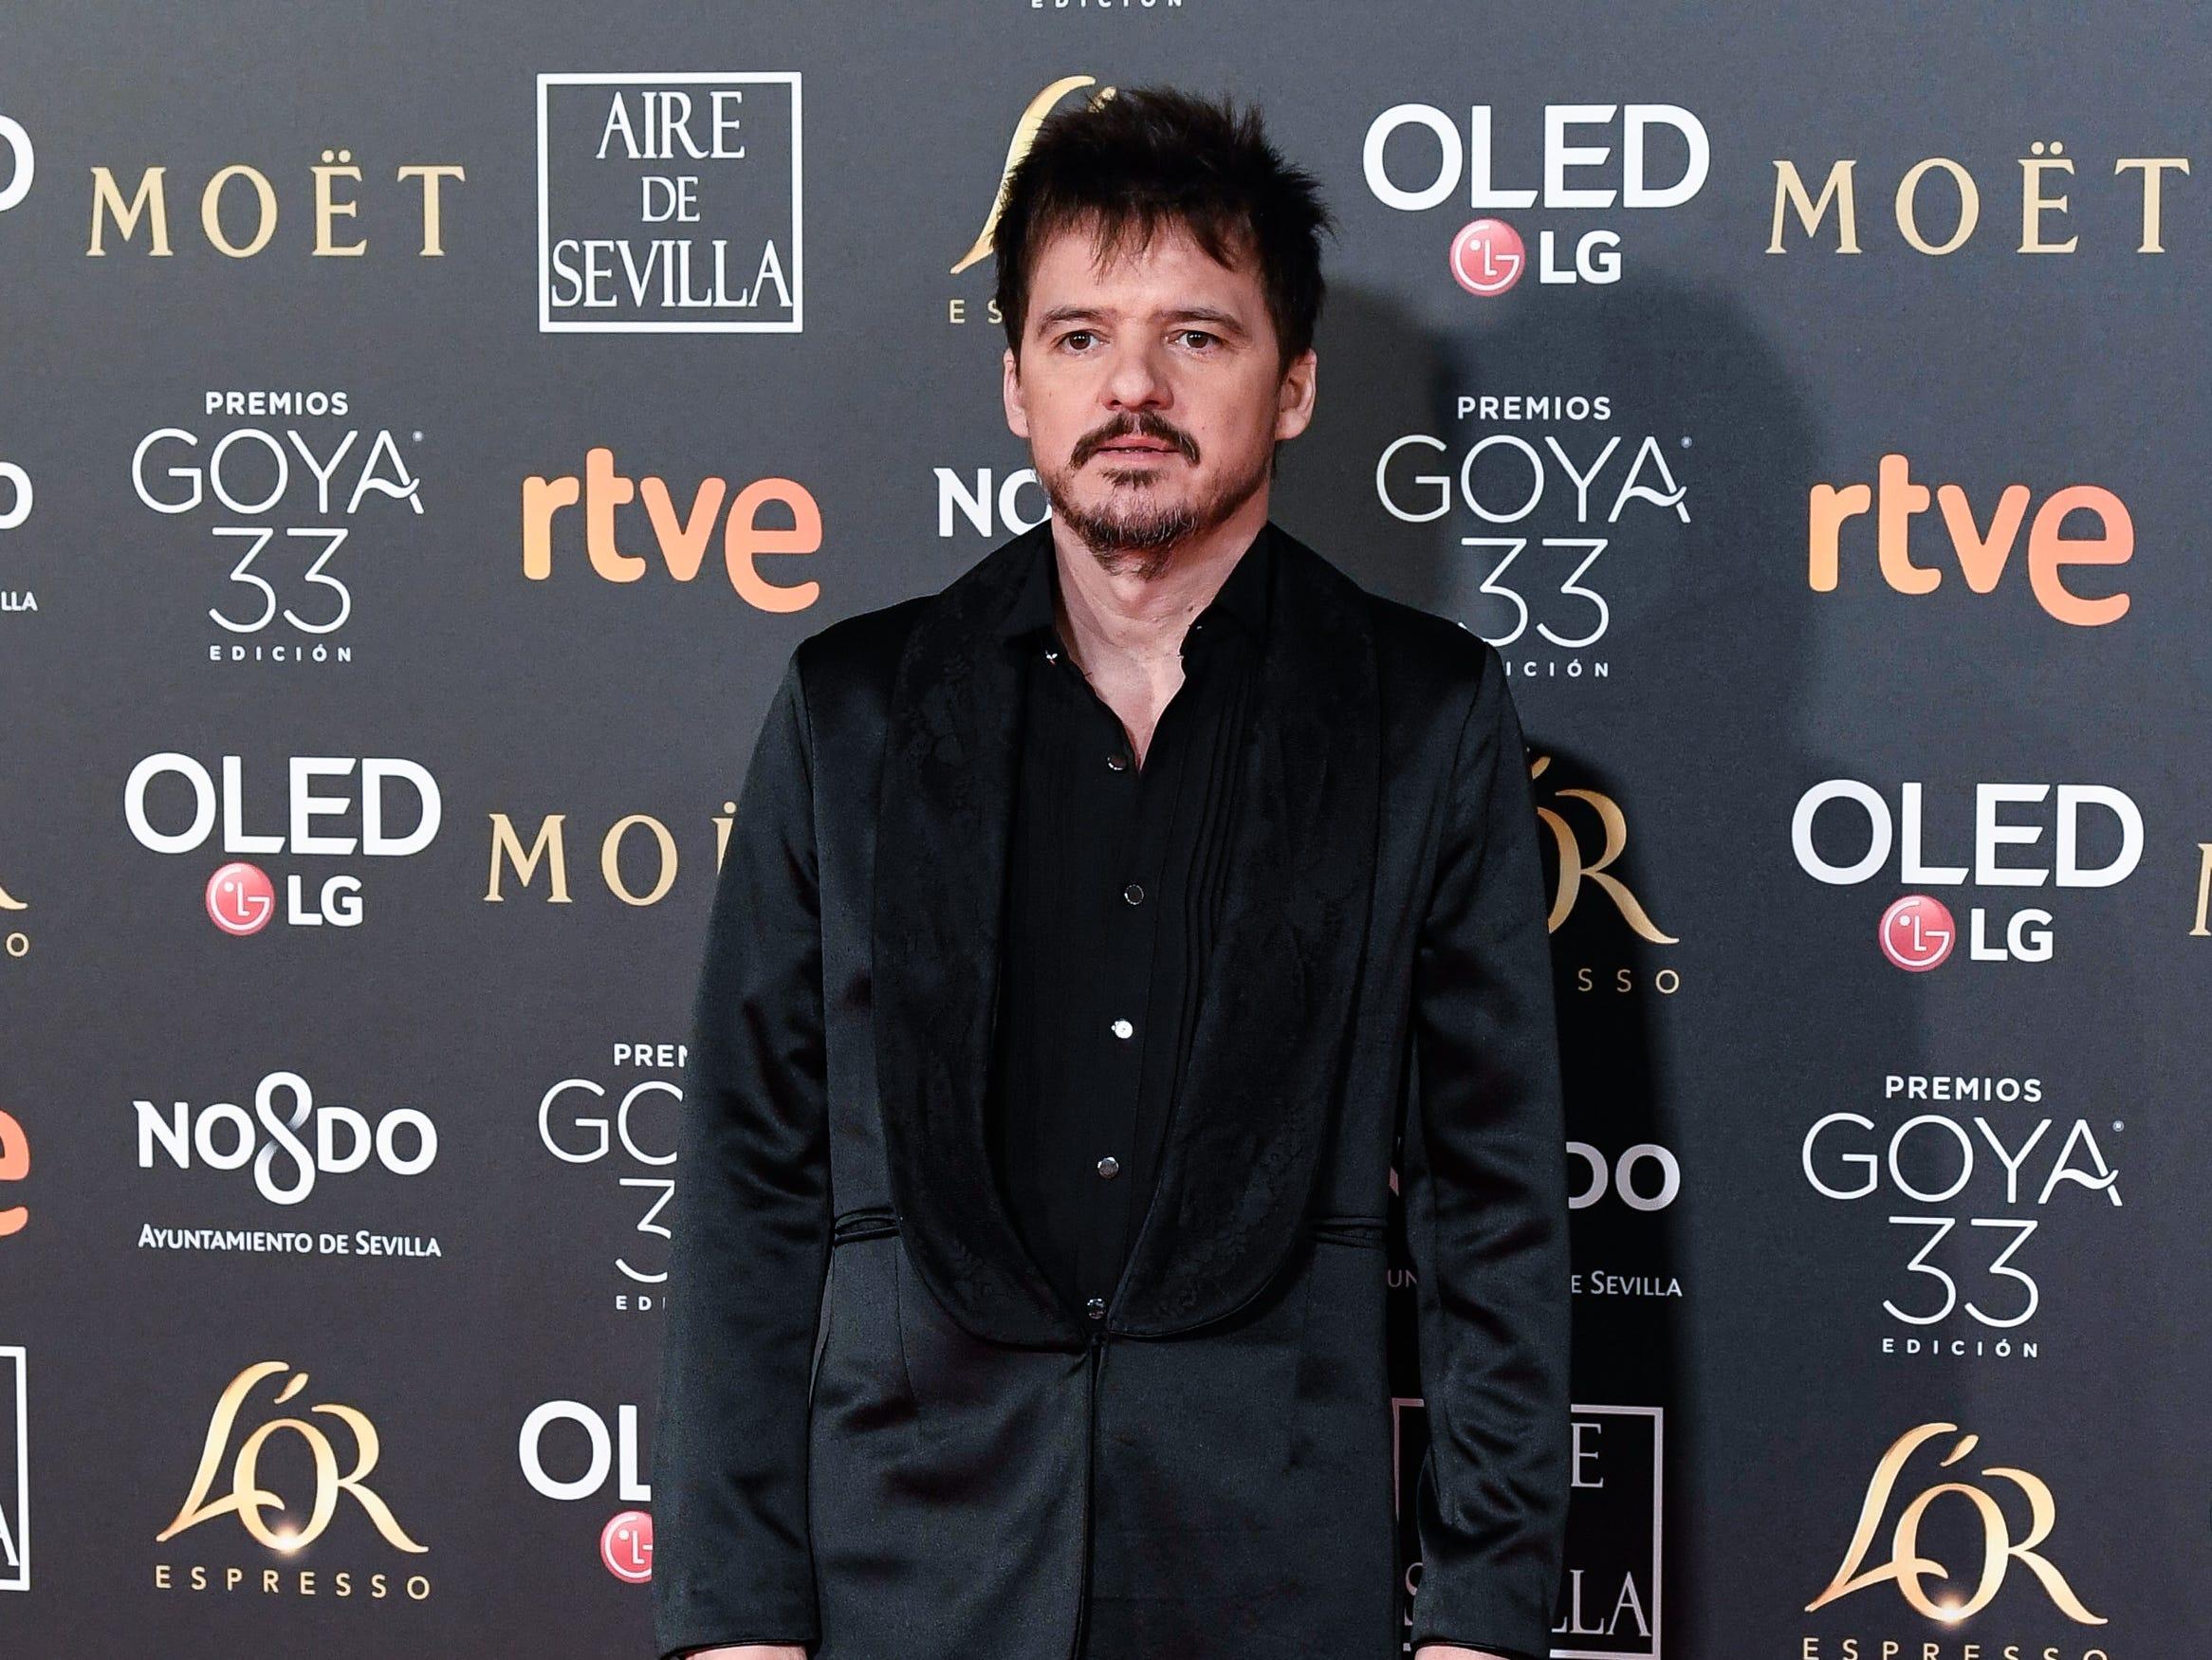 Coque Malla asiste a la 33ª edición de los Premios de Cine Goya en el Palacio de Congresos y Exposiciones FIBES el 2 de febrero de 2019 en Sevilla, España.